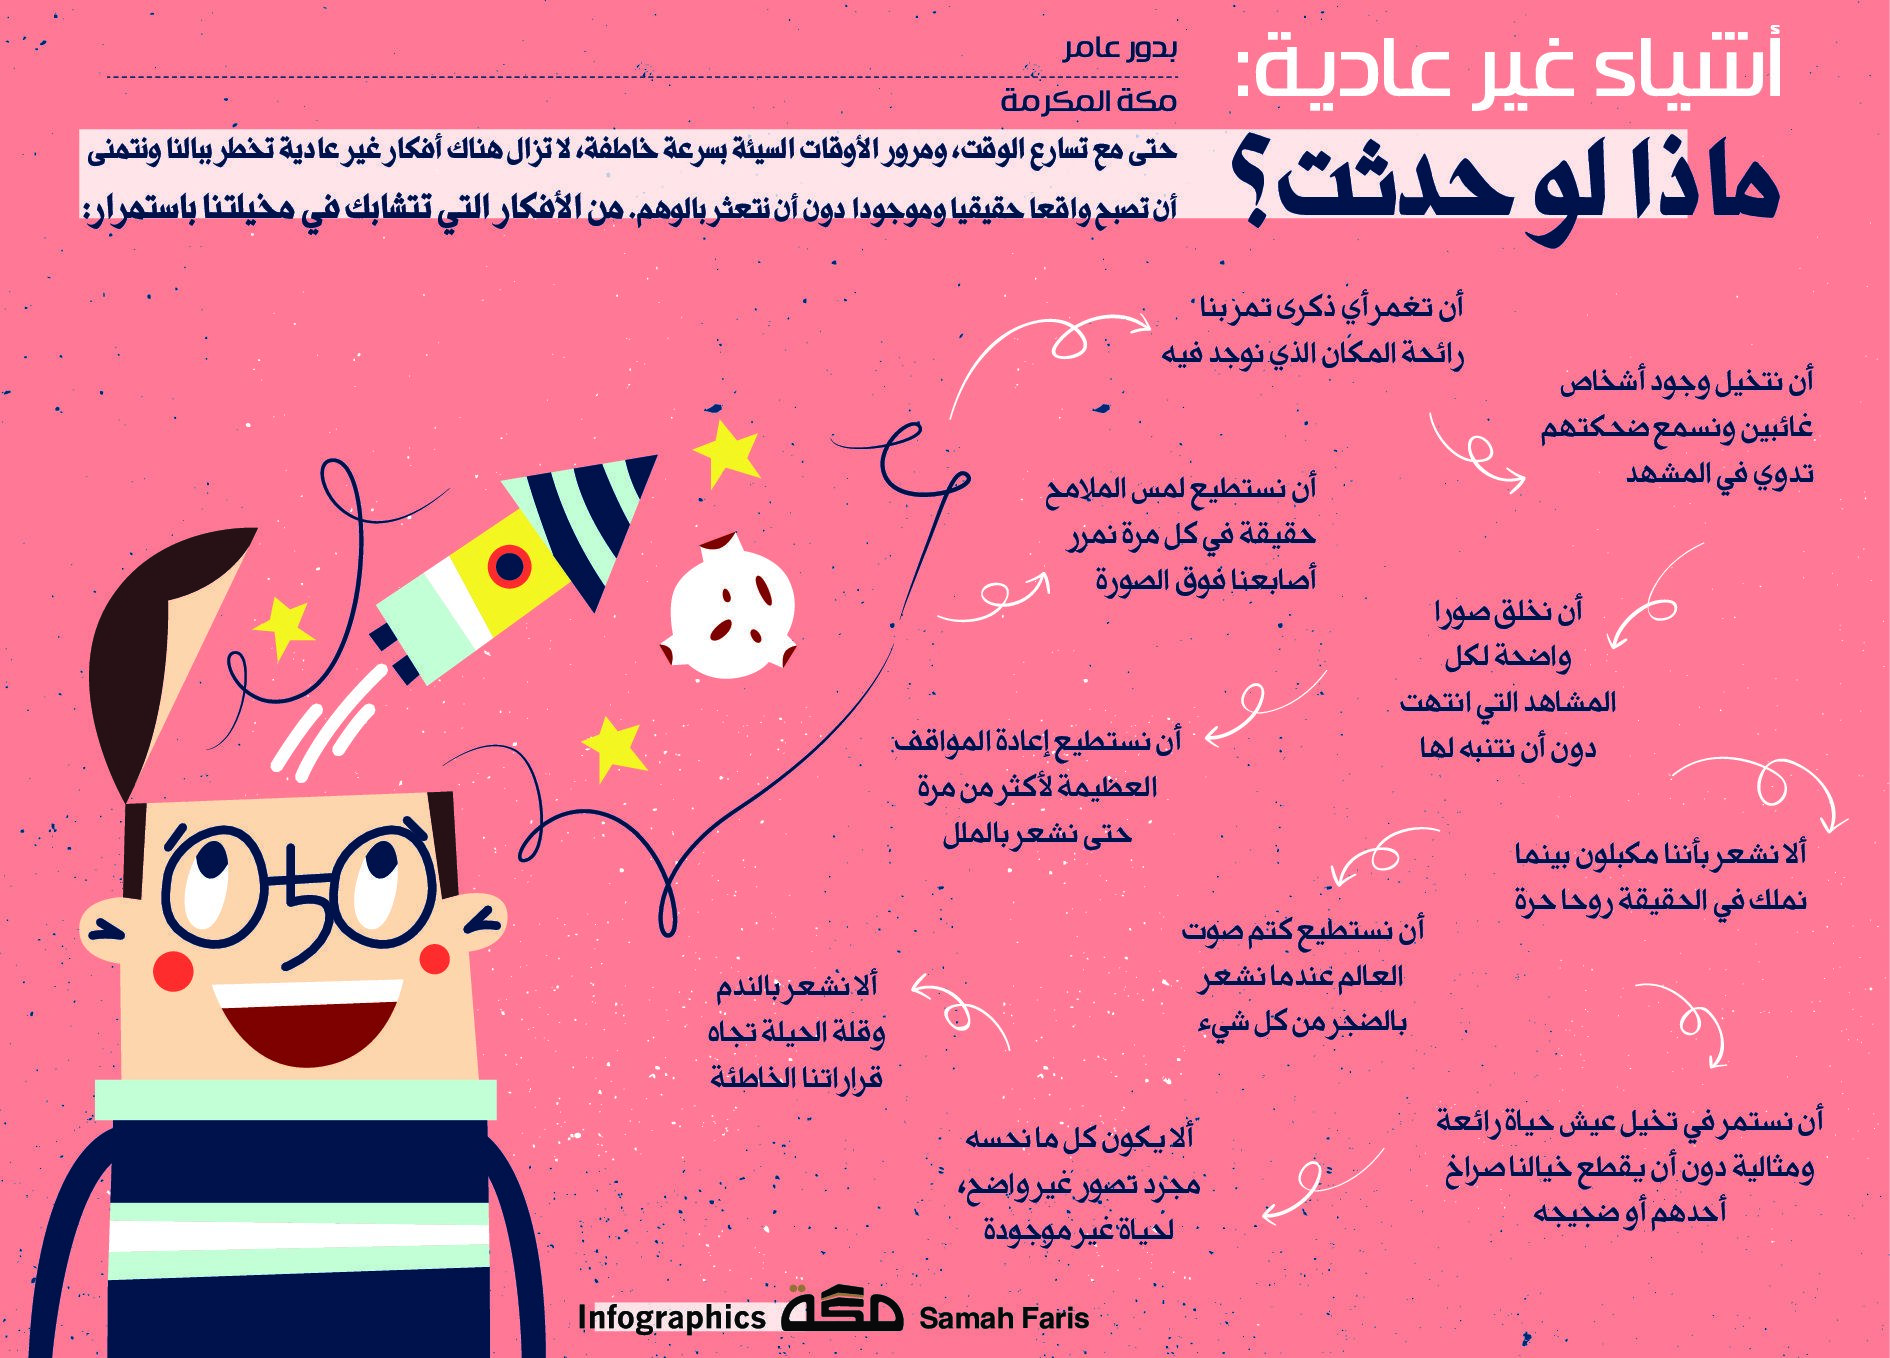 أشياء غير عادية ماذا لو حدثت صحيفة مكة انفوجرافيك ترفيه Positivity Graphic Design Infographic